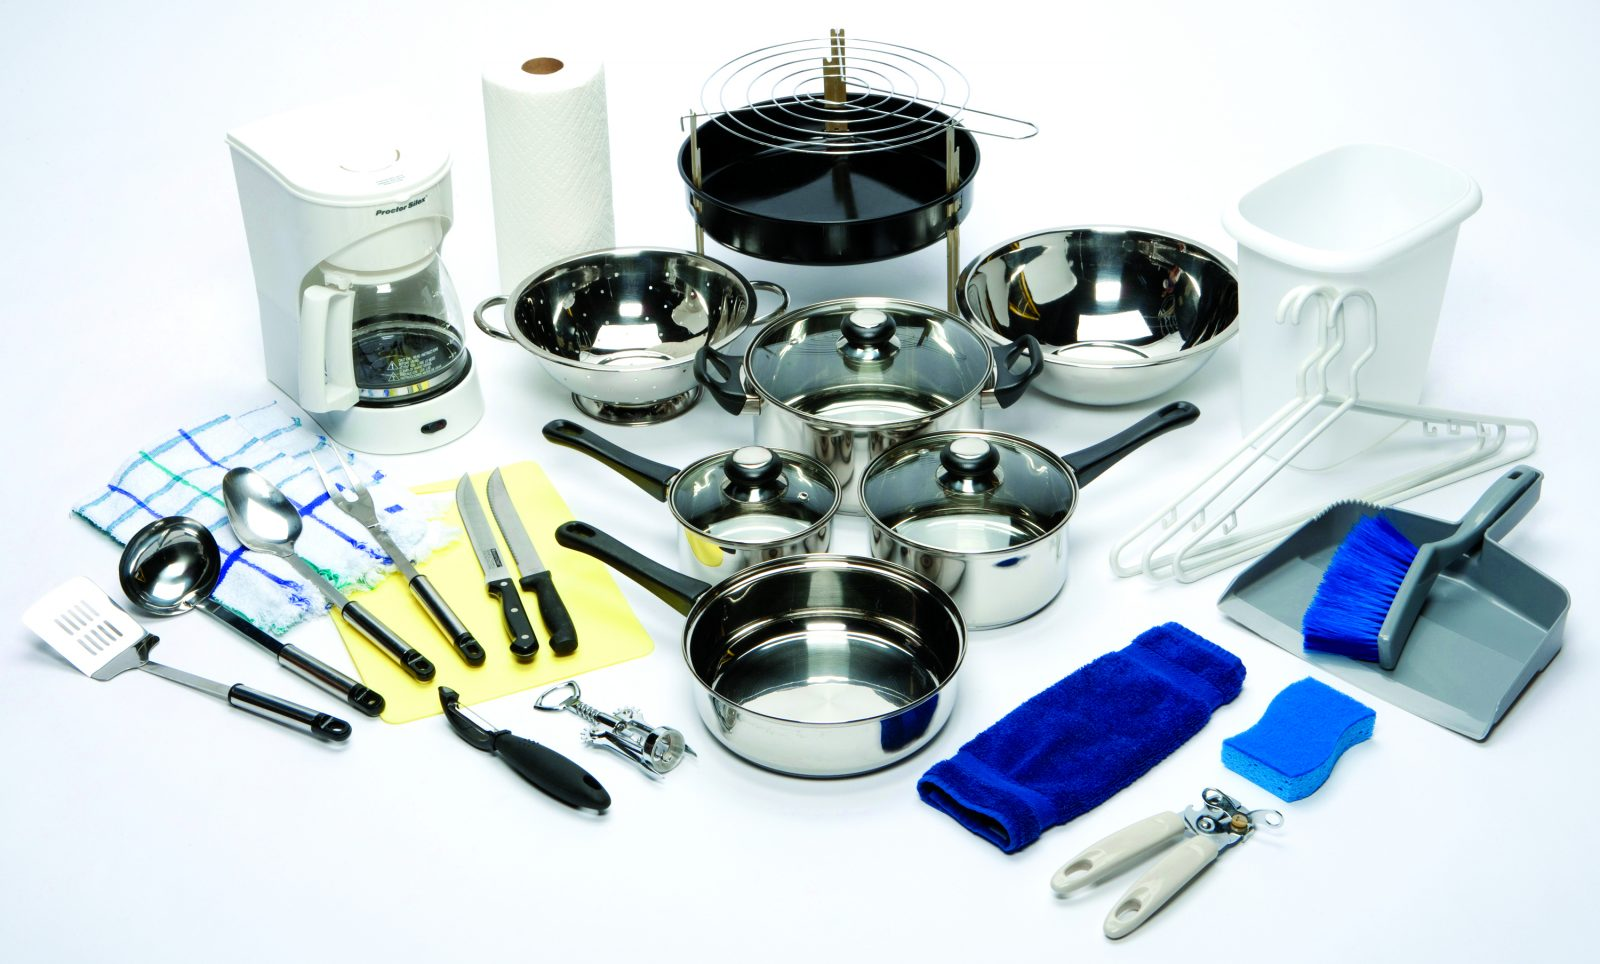 Selecci n de utensilios de cocina im genes y fotos for Utensilios decoracion cocina